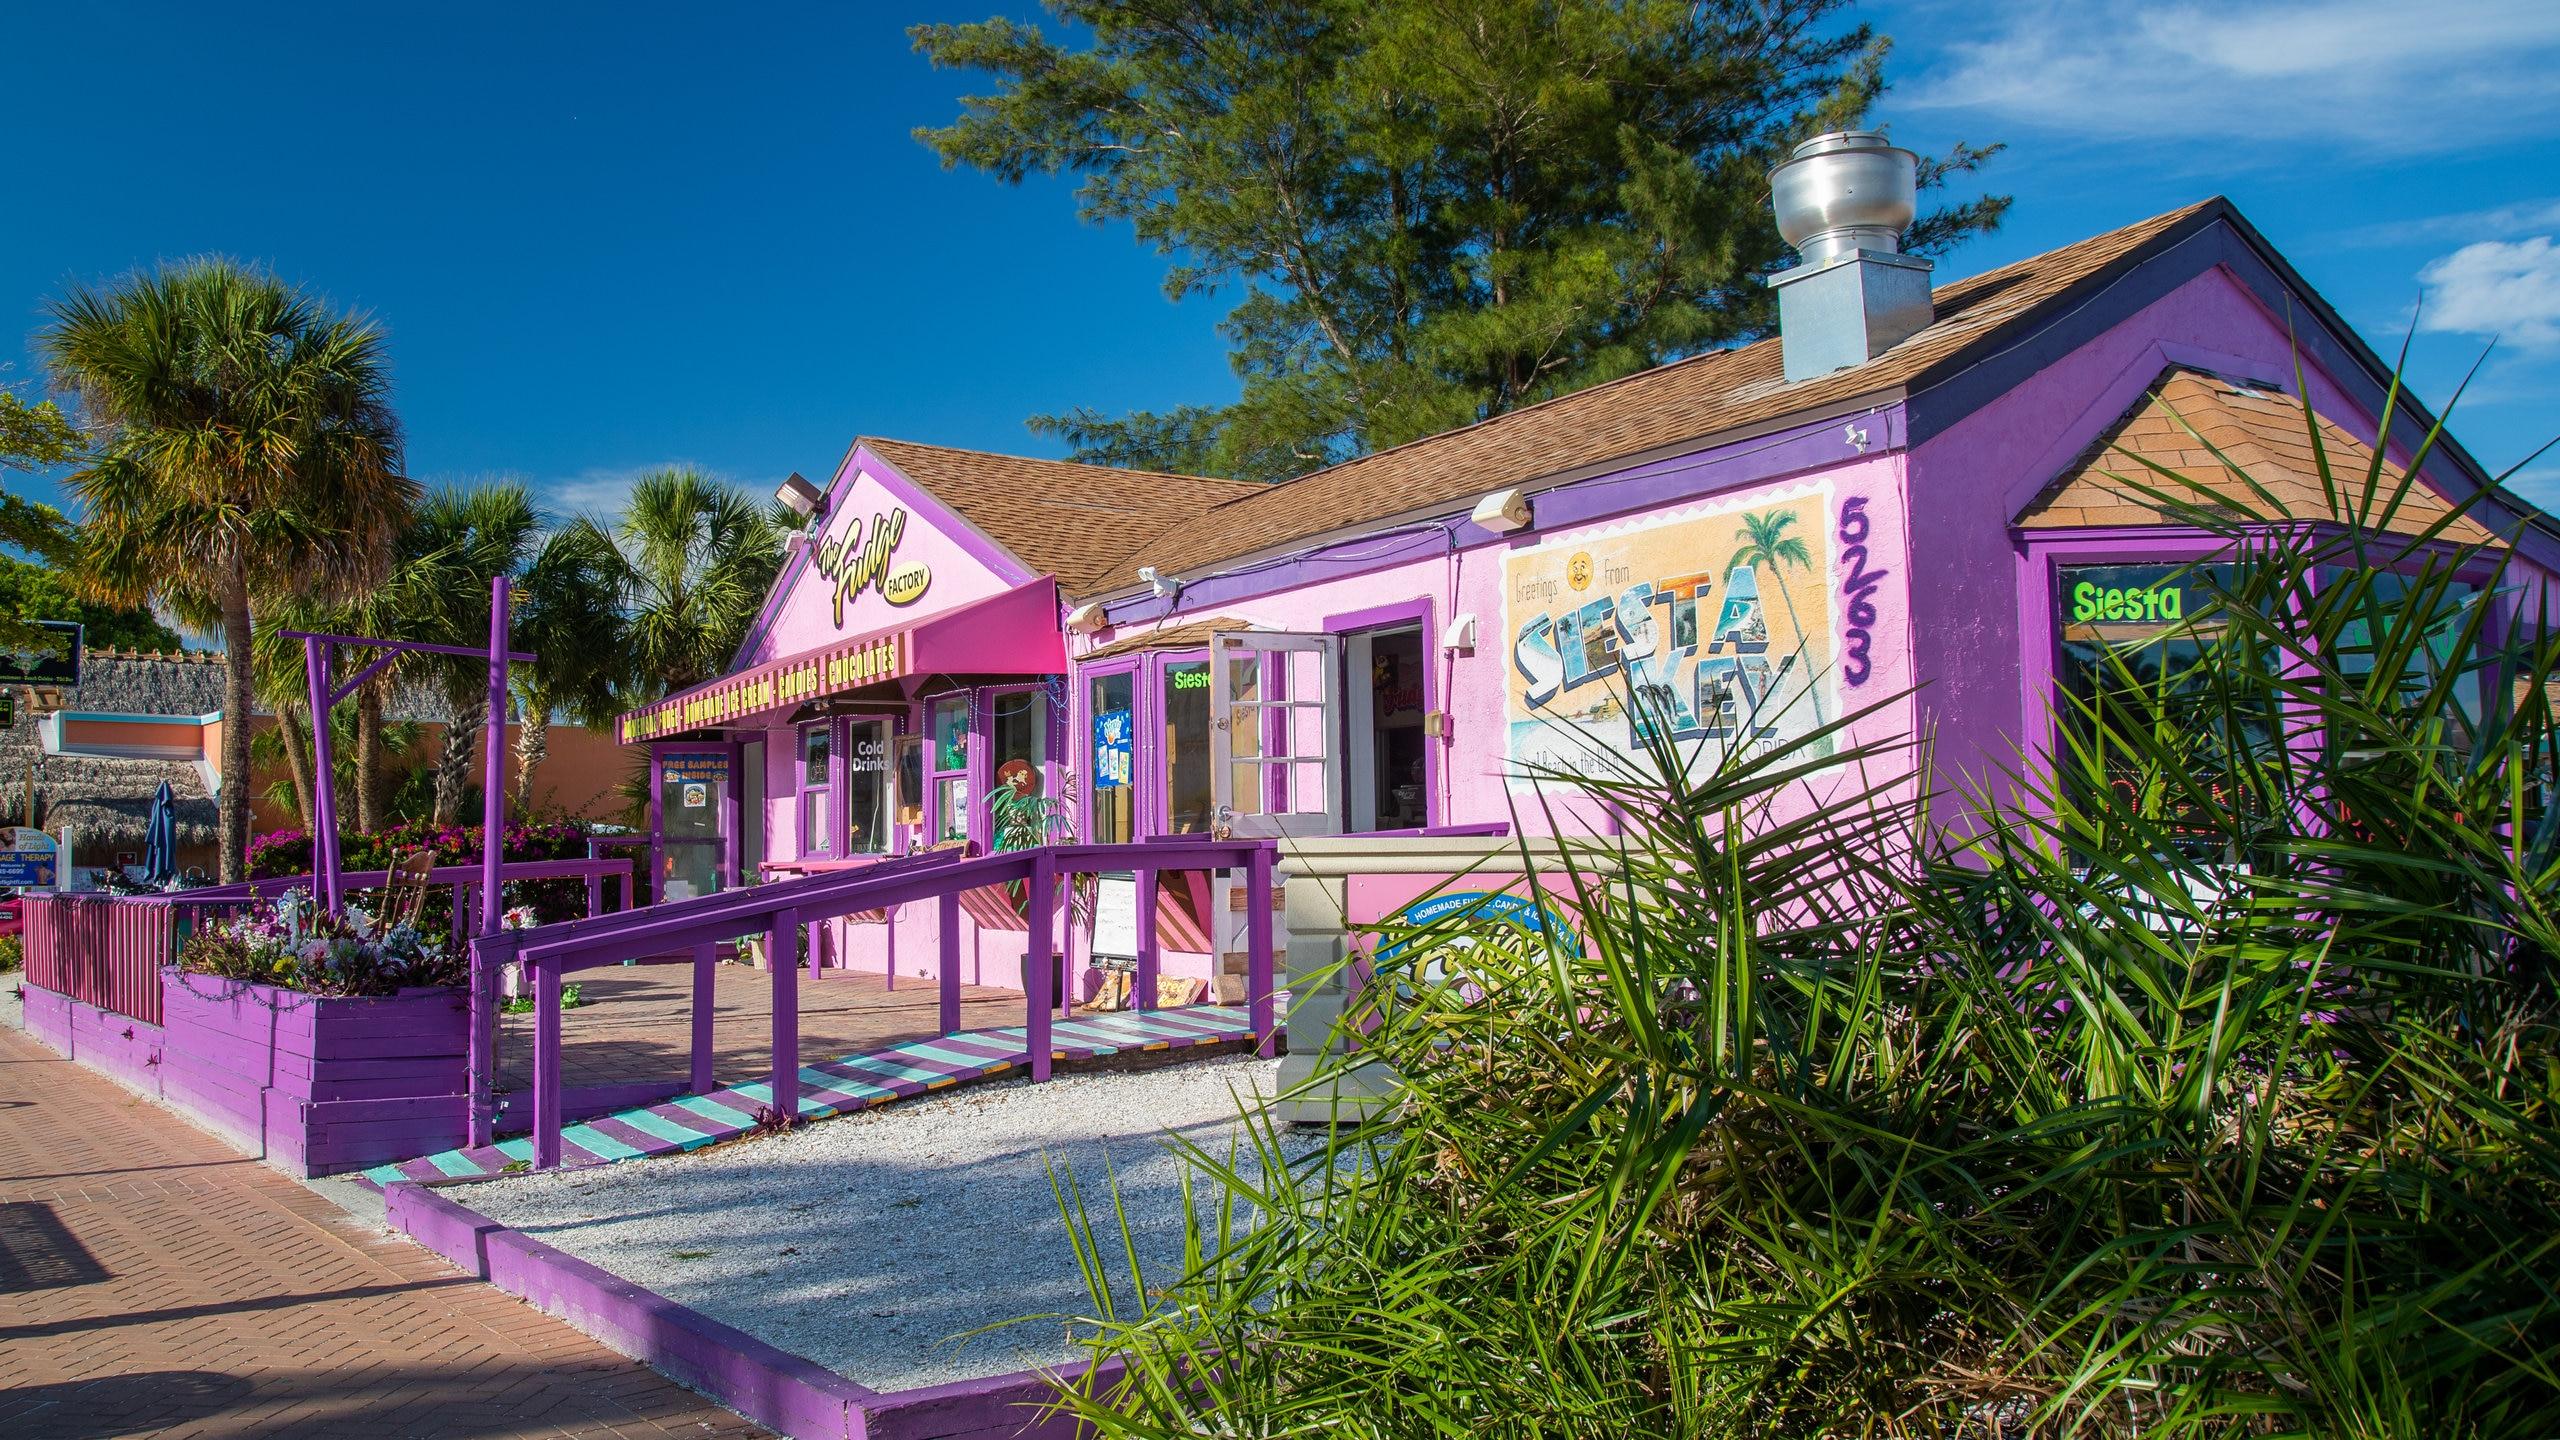 Siesta Key Village, Siesta Key, Florida, USA